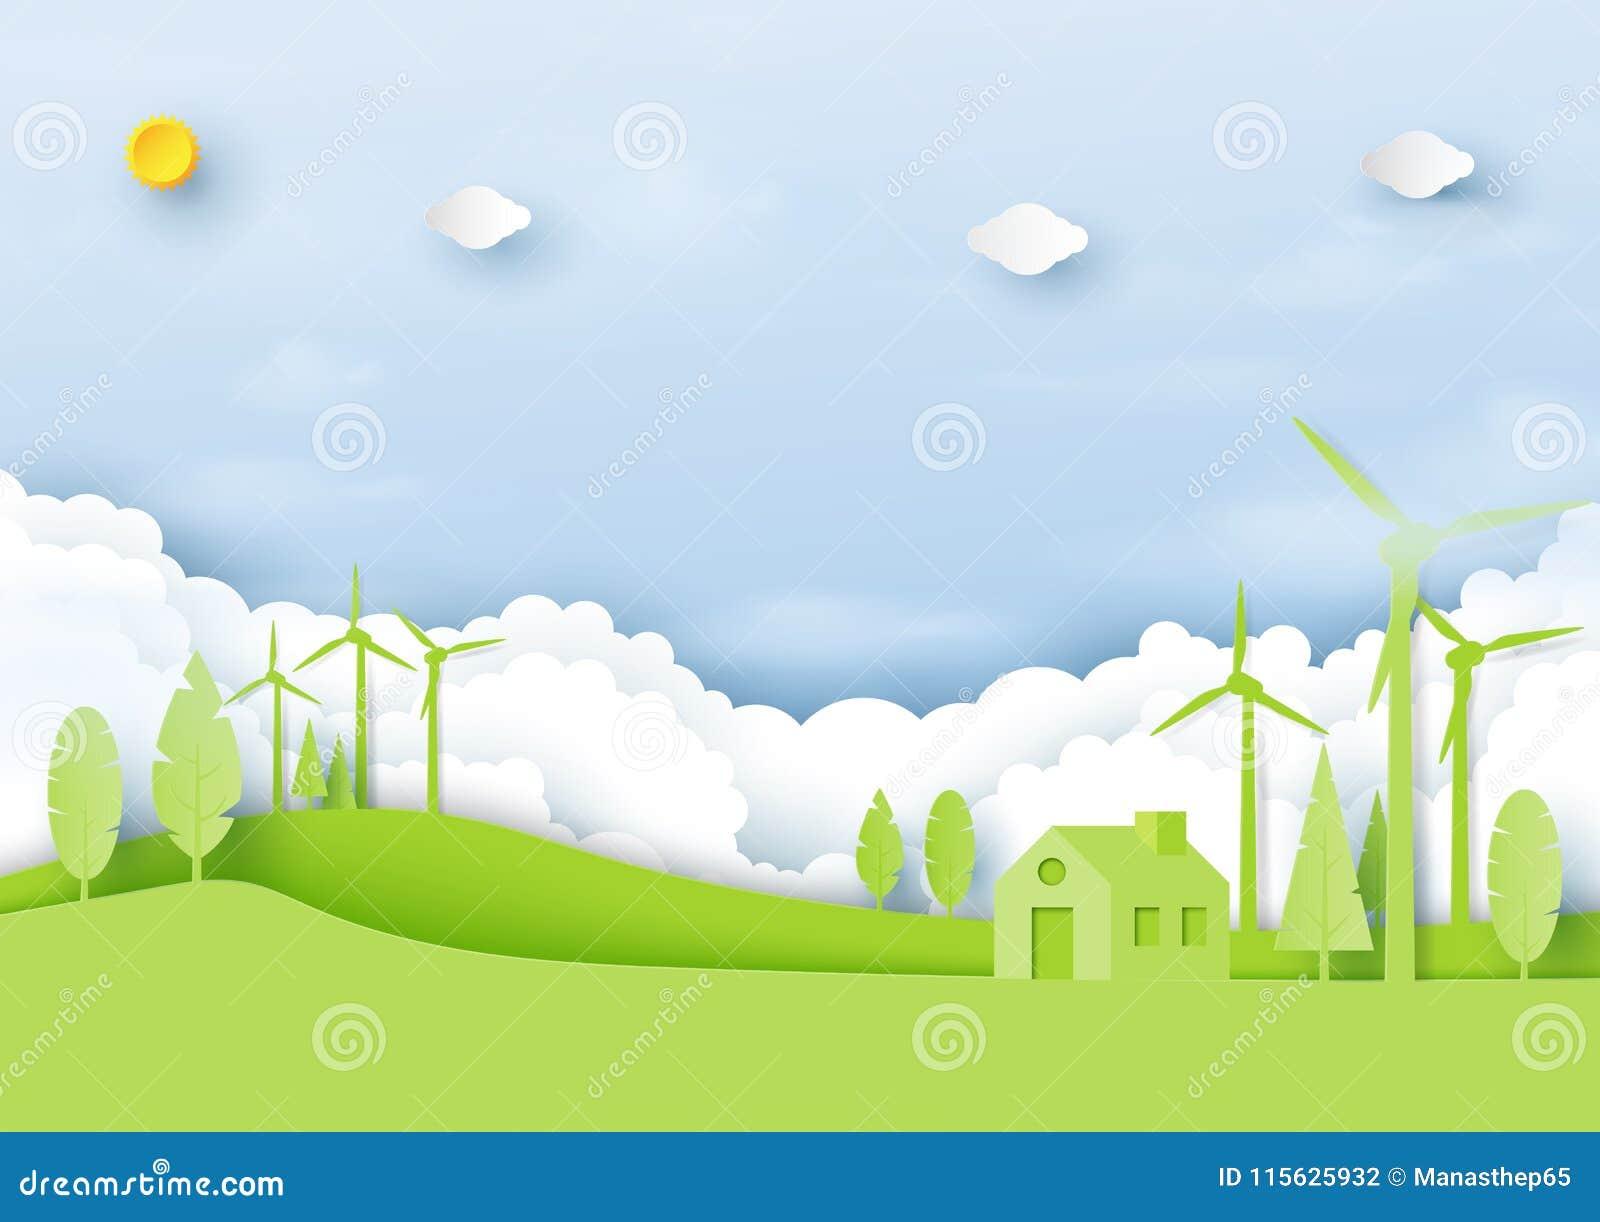 绿色eco友好的环境和生态概念文件艺术猪圈